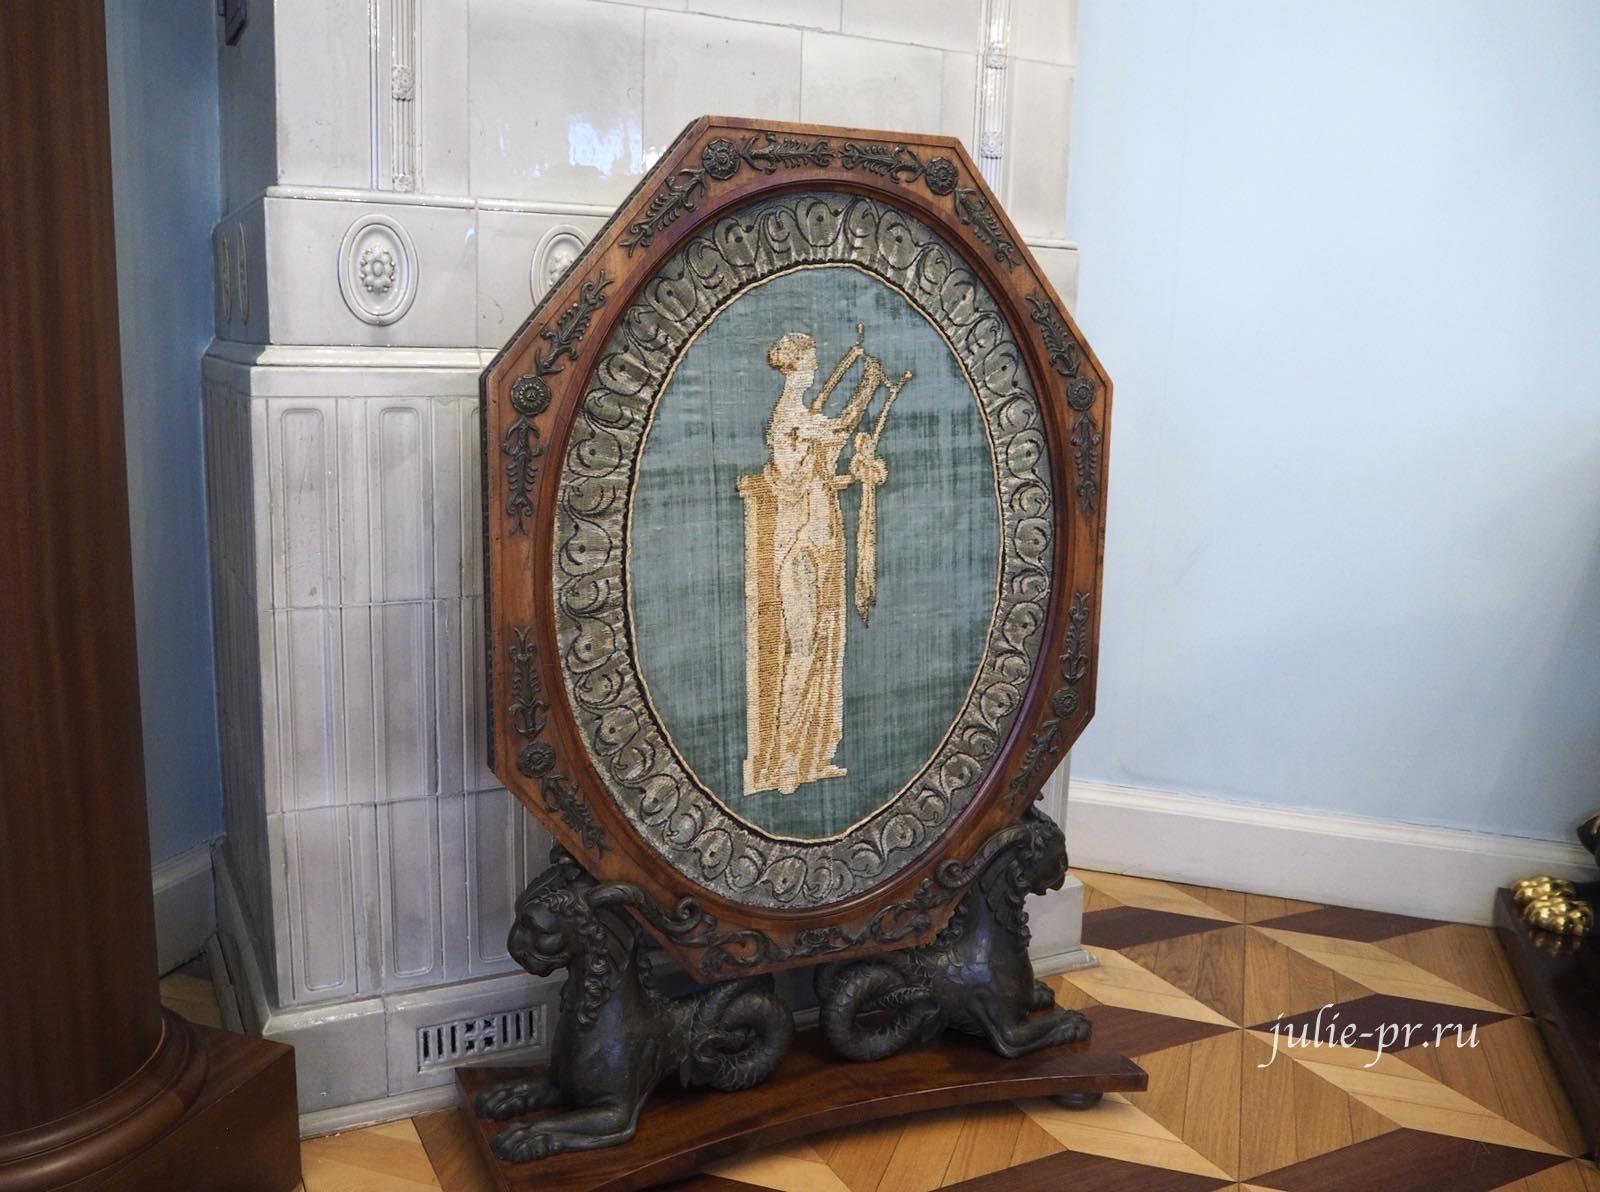 выставка Как роза ты нежна, вышивка крестом, экран для камина, музей усадьба Г. Р. Державина, каминный экран с изображением музы любовной поэзии Эрато